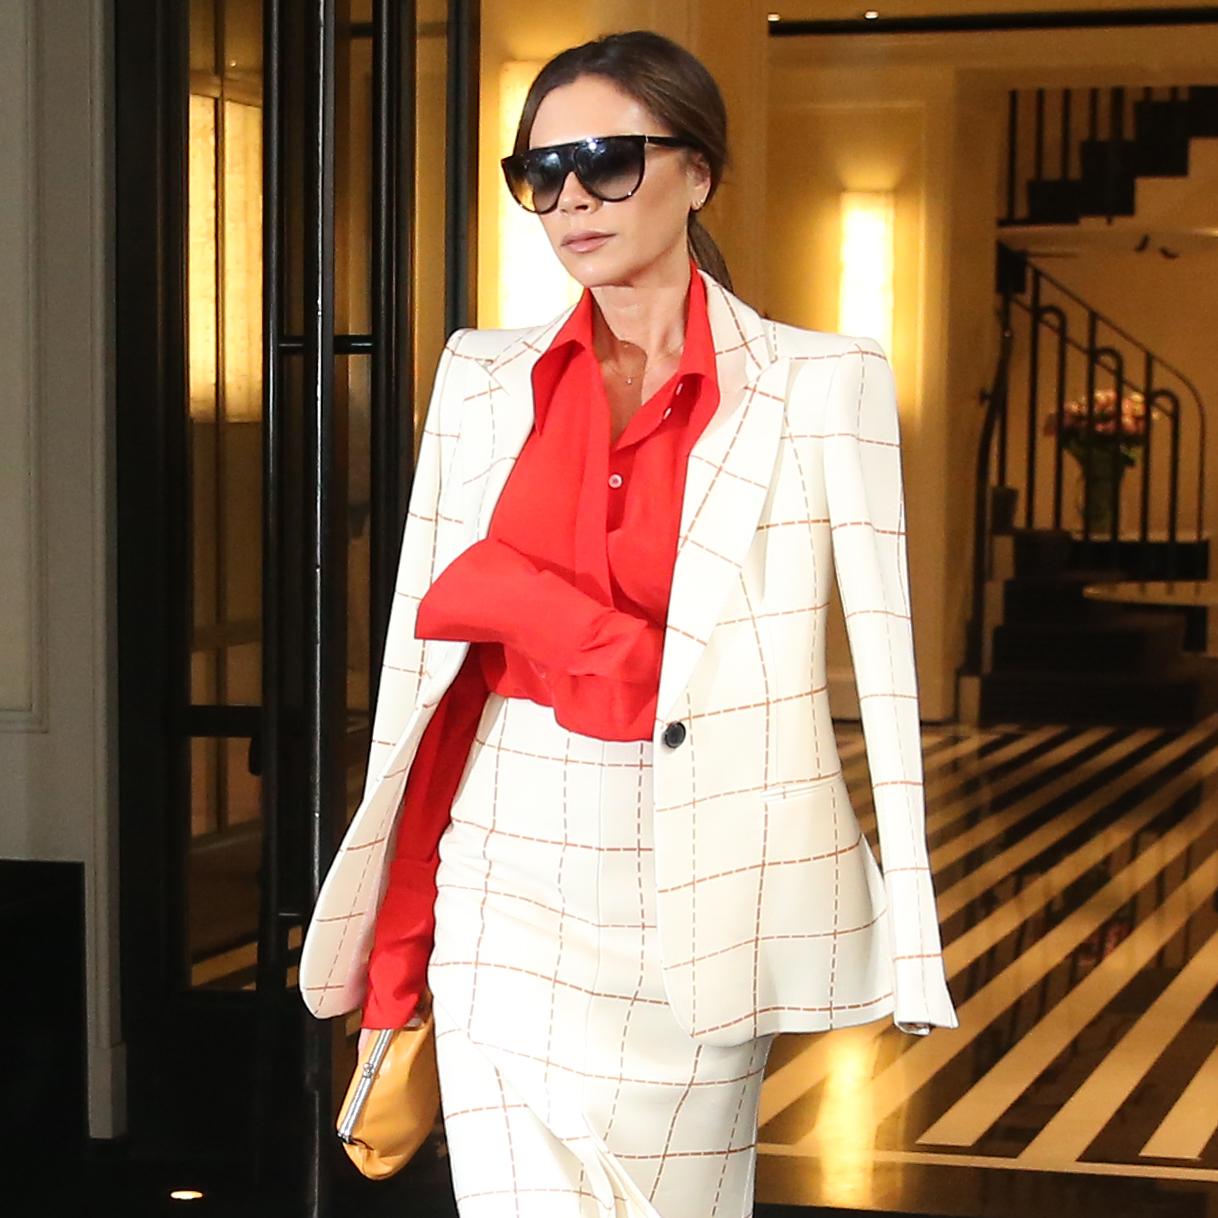 Τι μπορεί να συμβαίνει με τις βλεφαρίδες της Victoria Beckham σε αυτή τη φωτό;